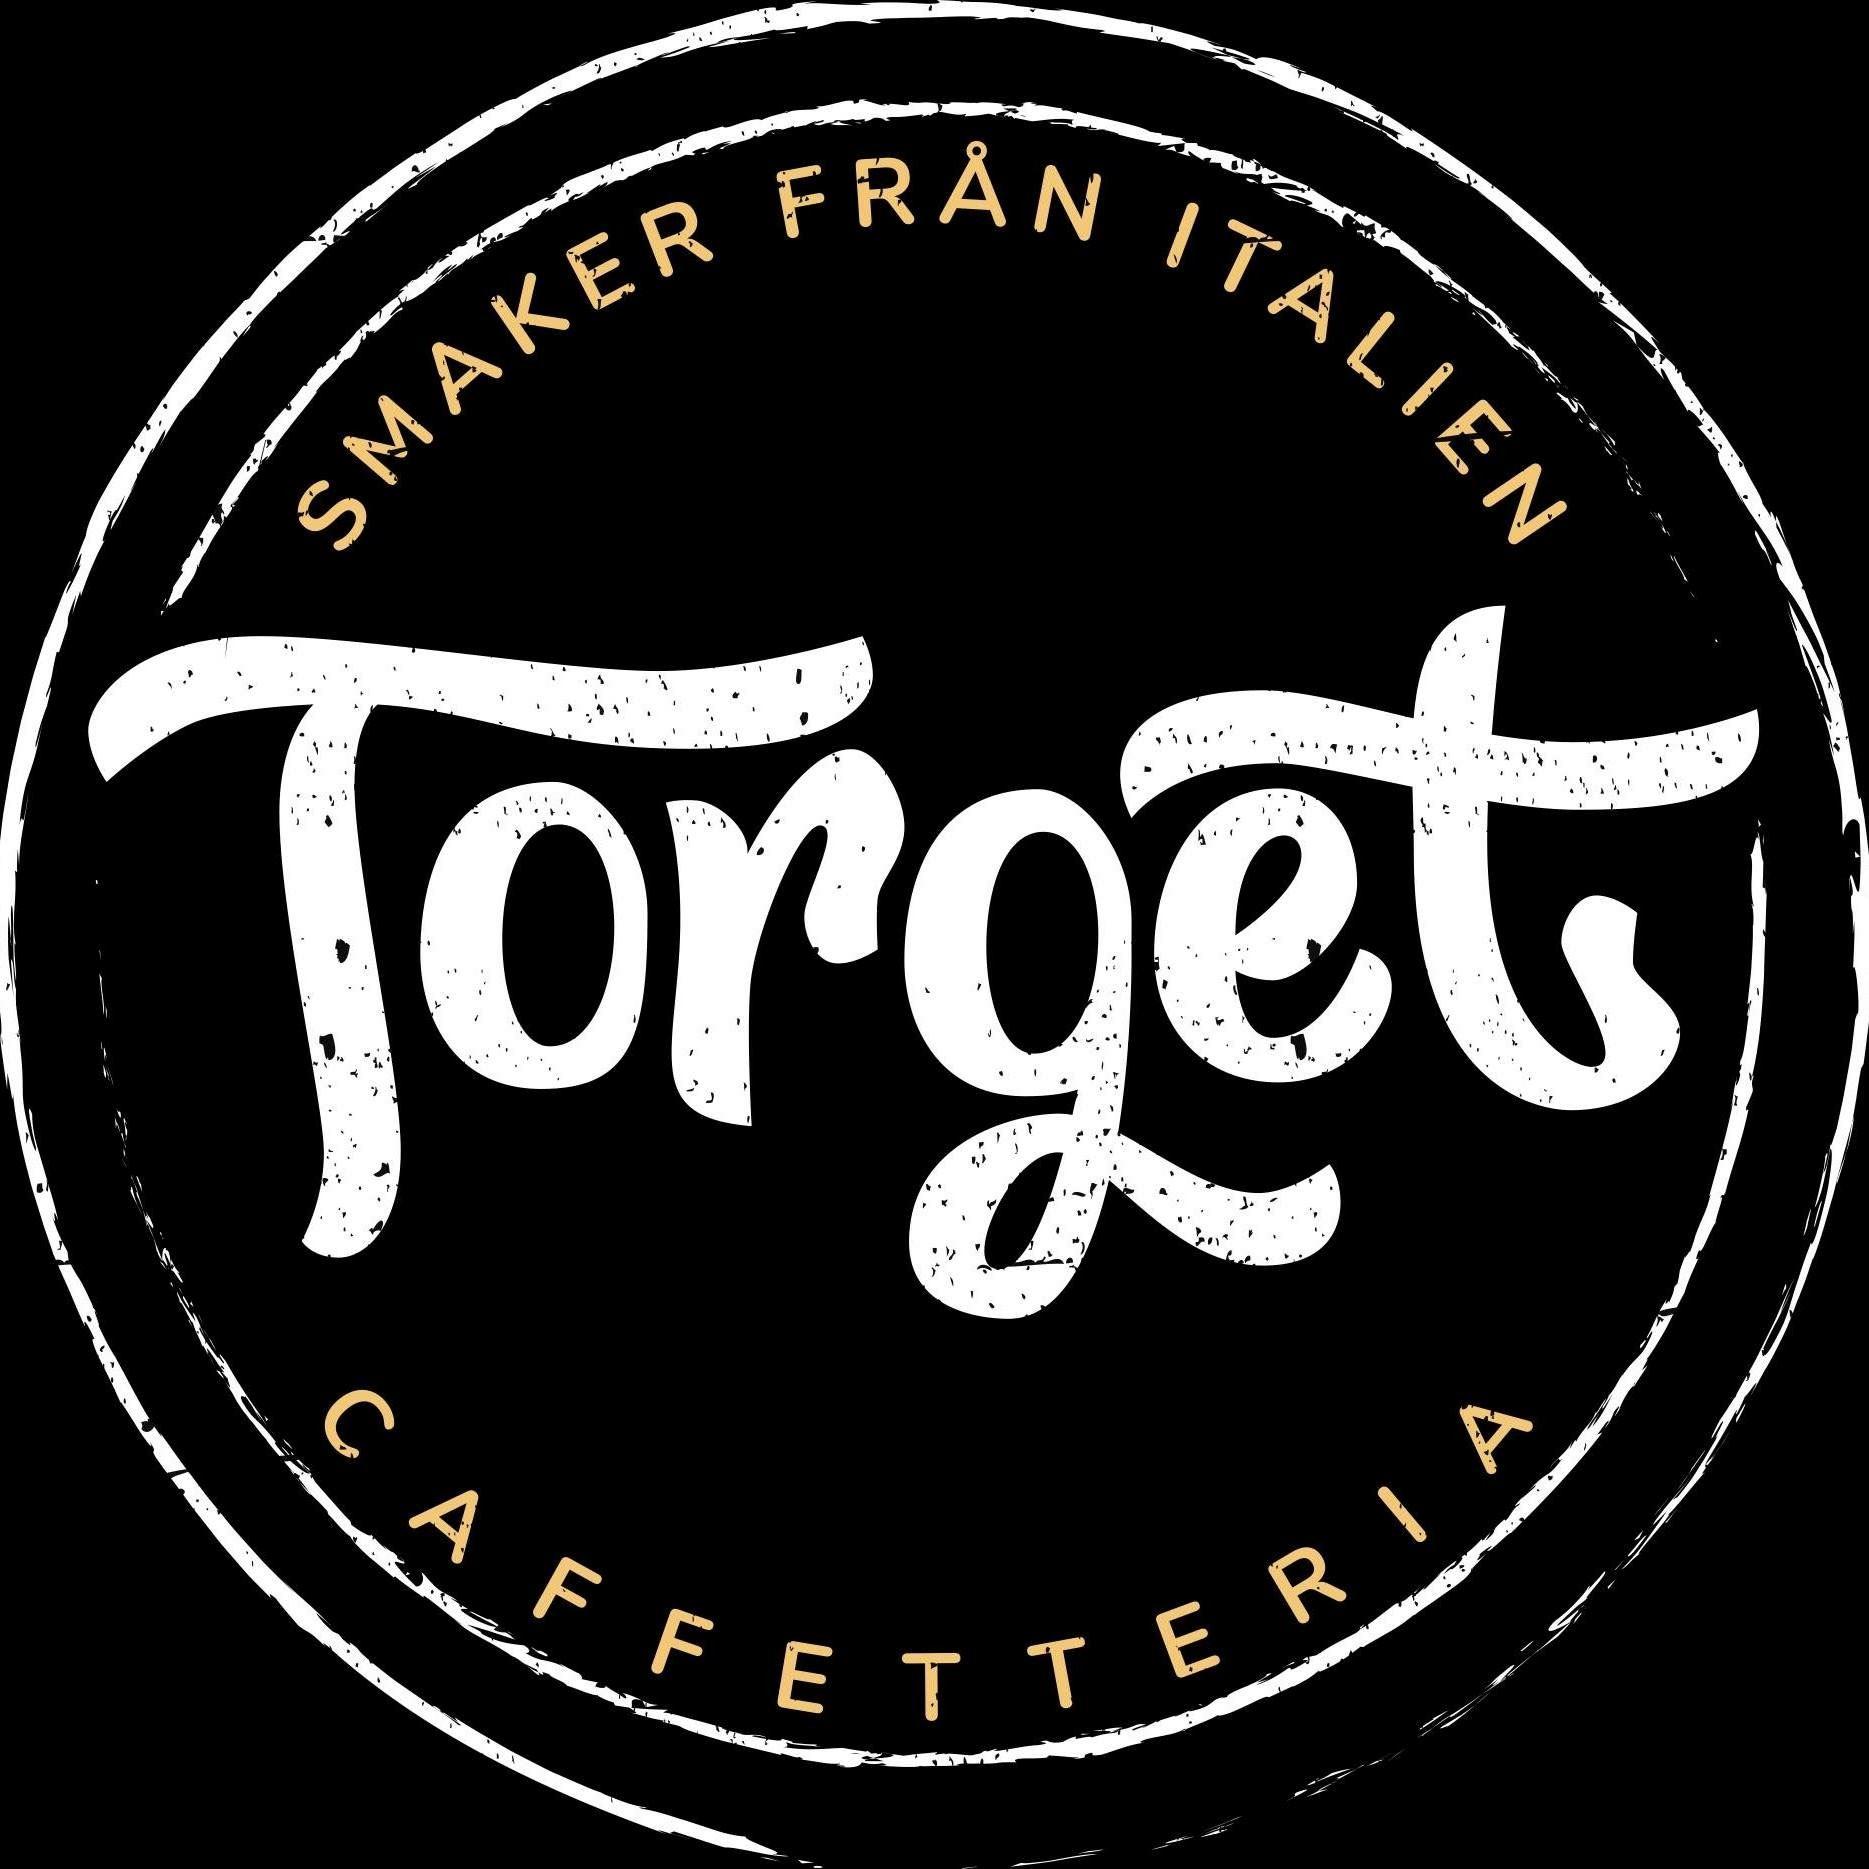 Café Torget